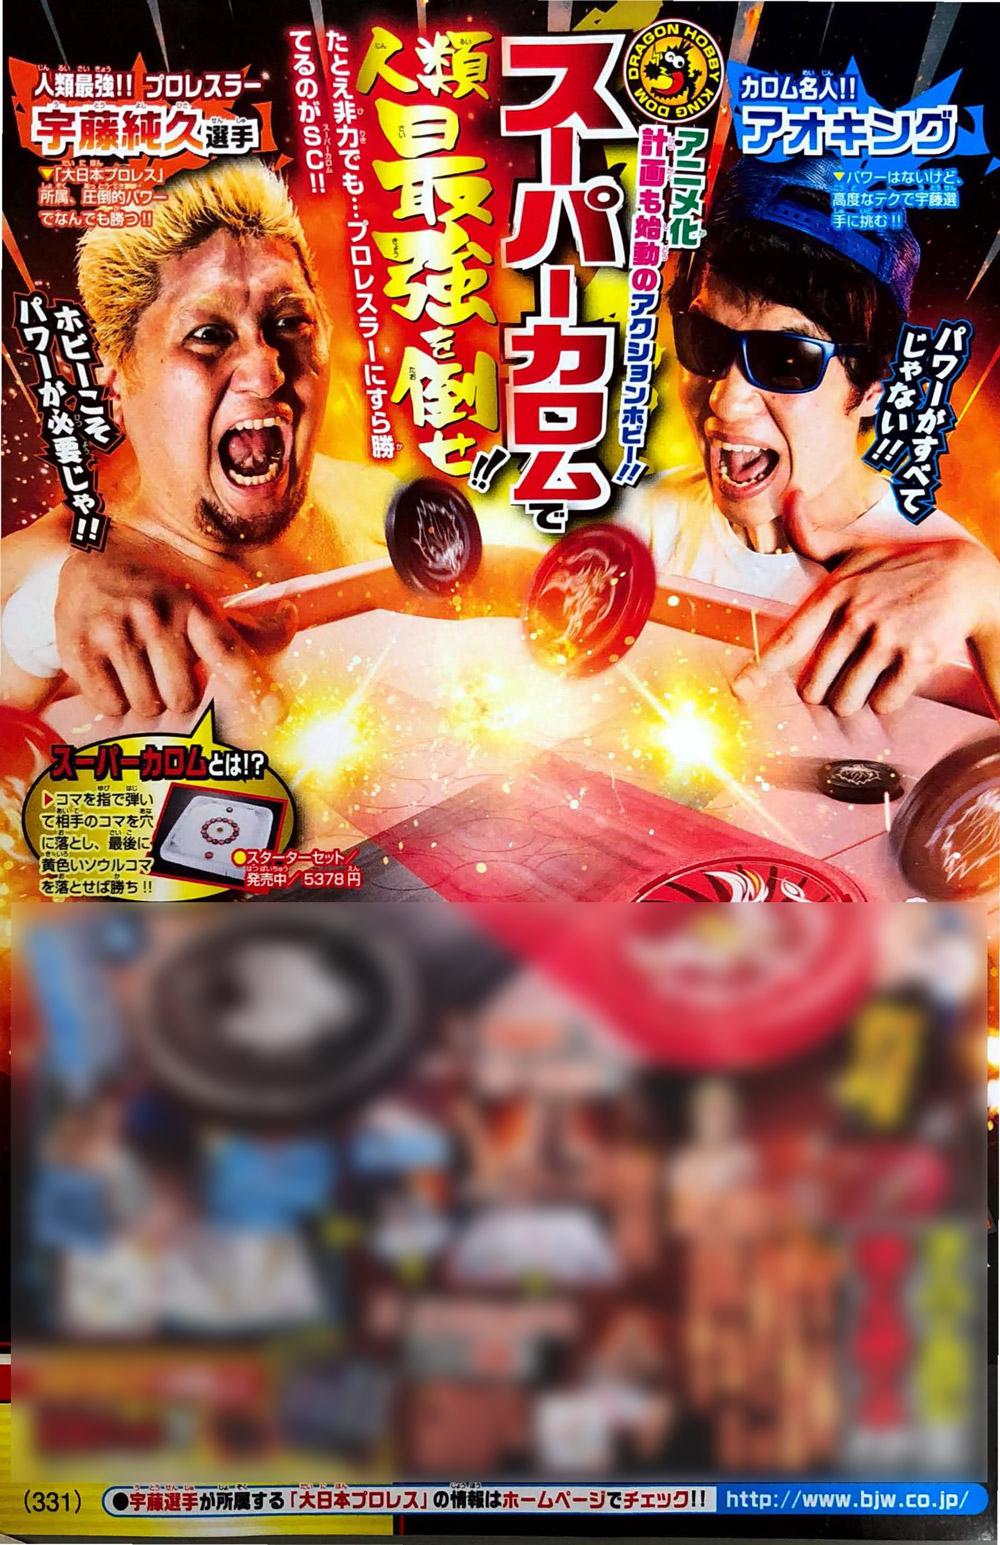 宇藤純久がスーパーカロムでアオキングに再び挑む!コロコロコミック2019年7月号出演情報